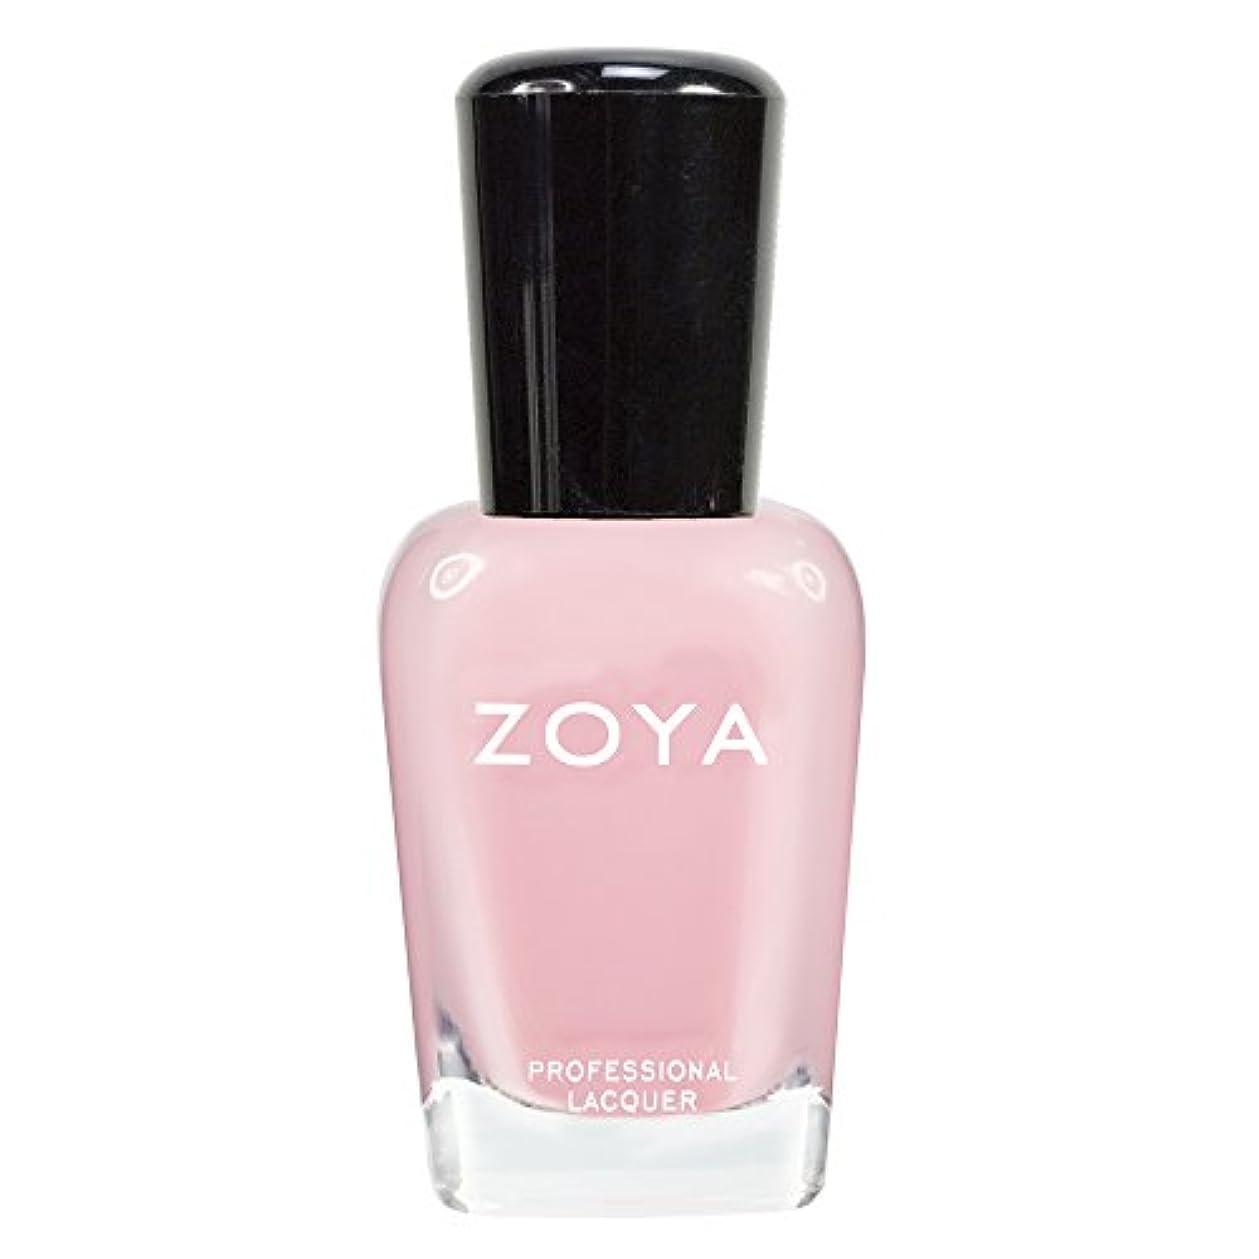 ZOYA ゾーヤ ネイルカラーZP433 LAURIE ローリー 15ml 可愛く色づく桜の花ようなピンク シアー/クリーム 爪にやさしいネイルラッカーマニキュア